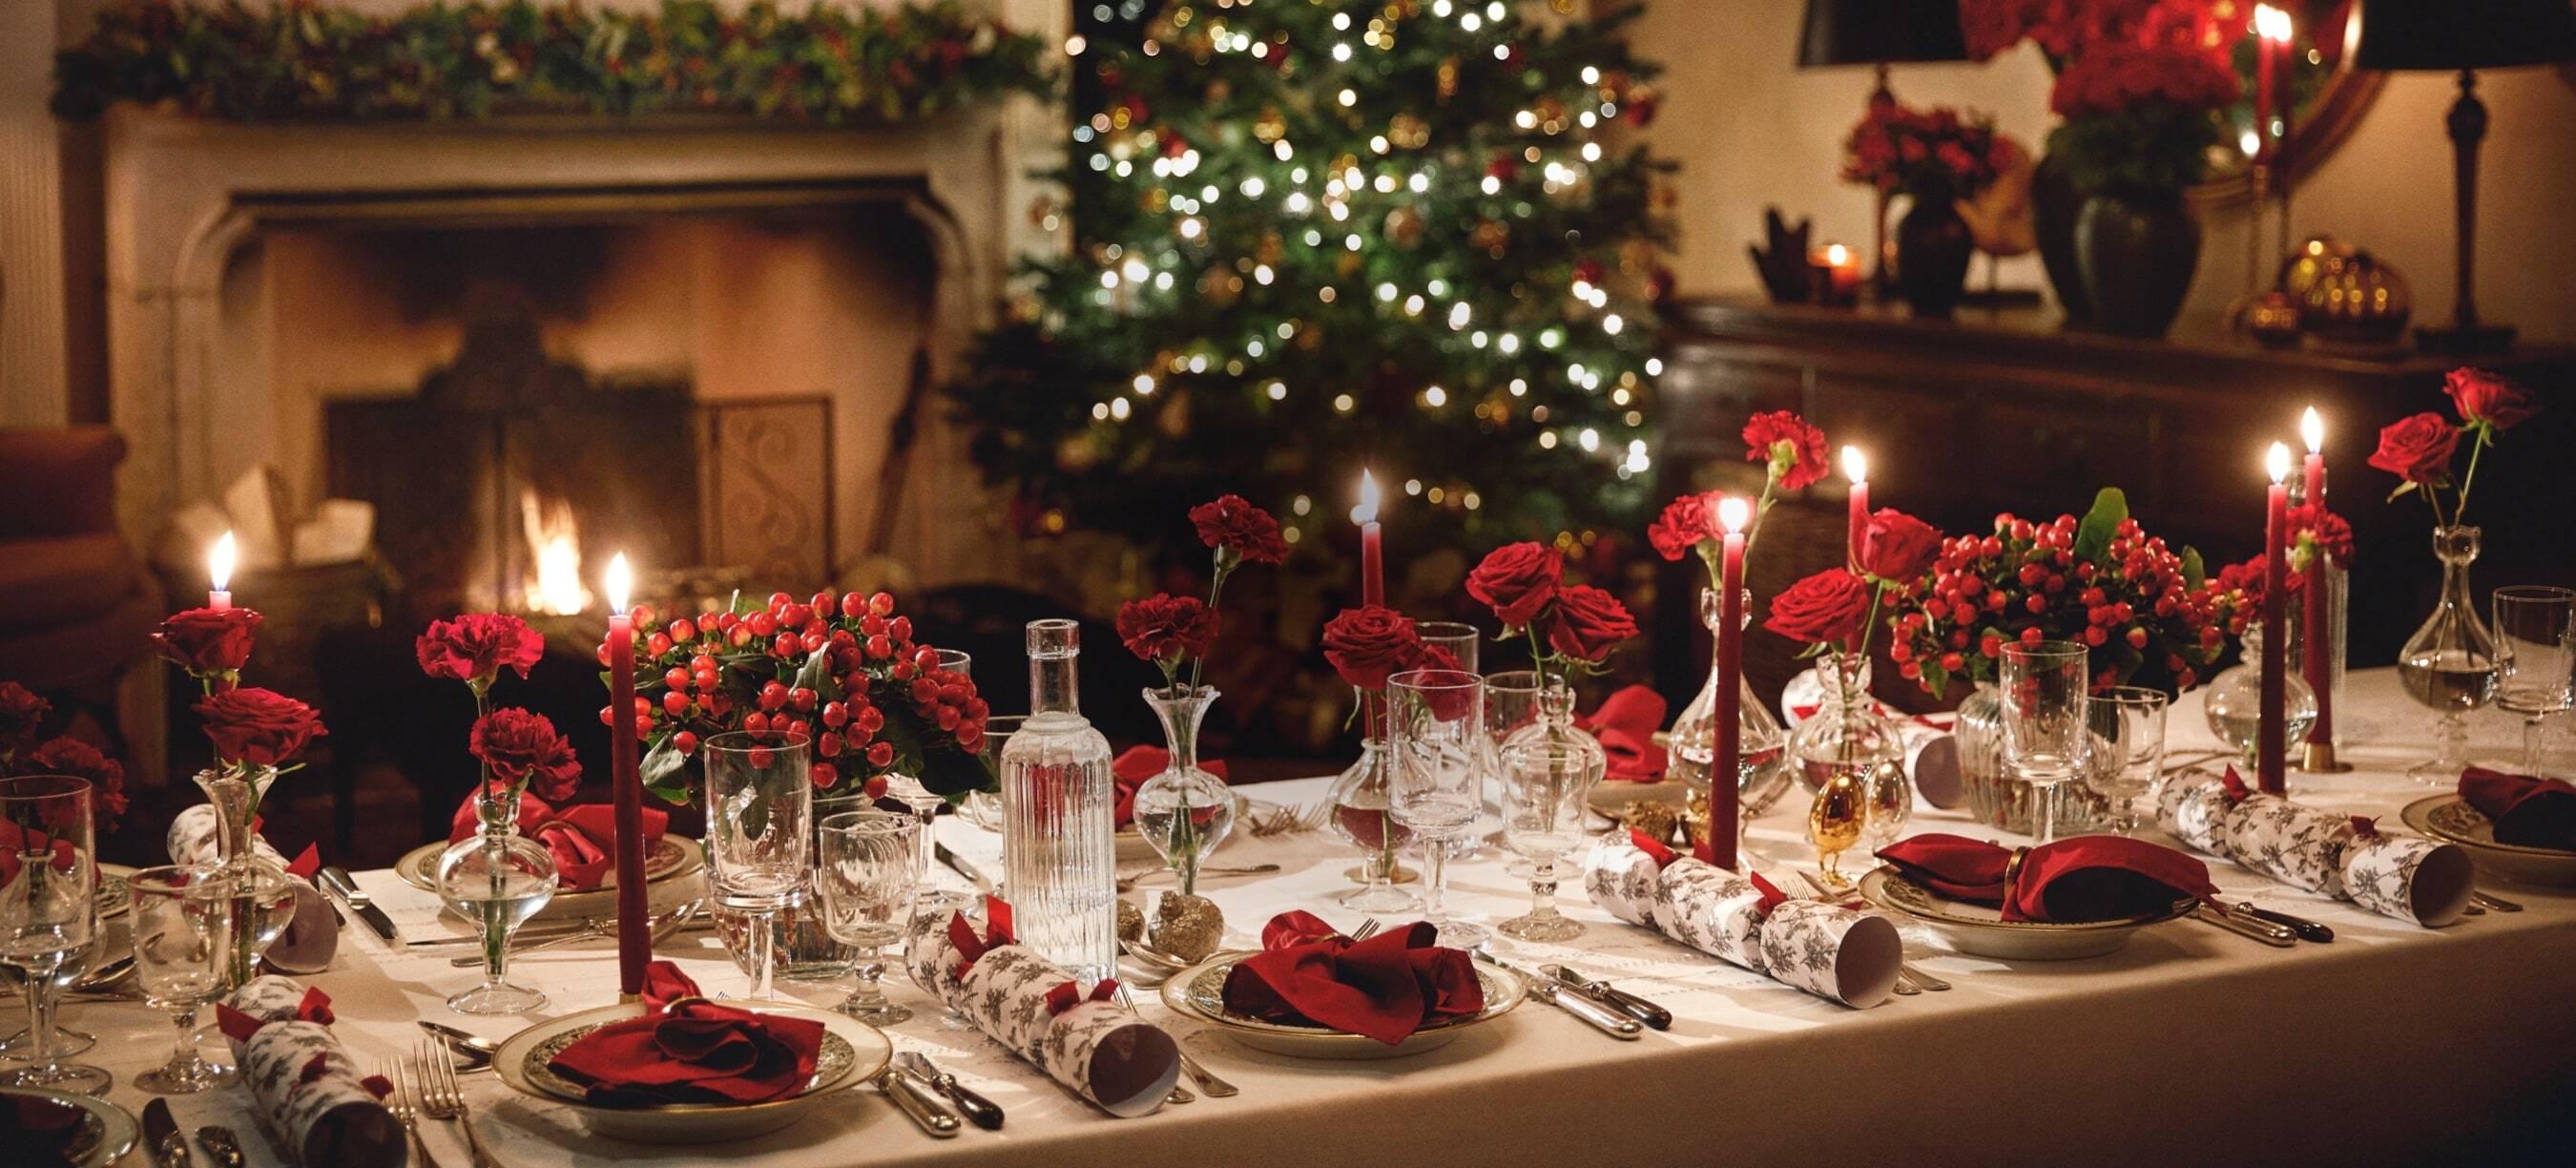 Christmas Table Sets